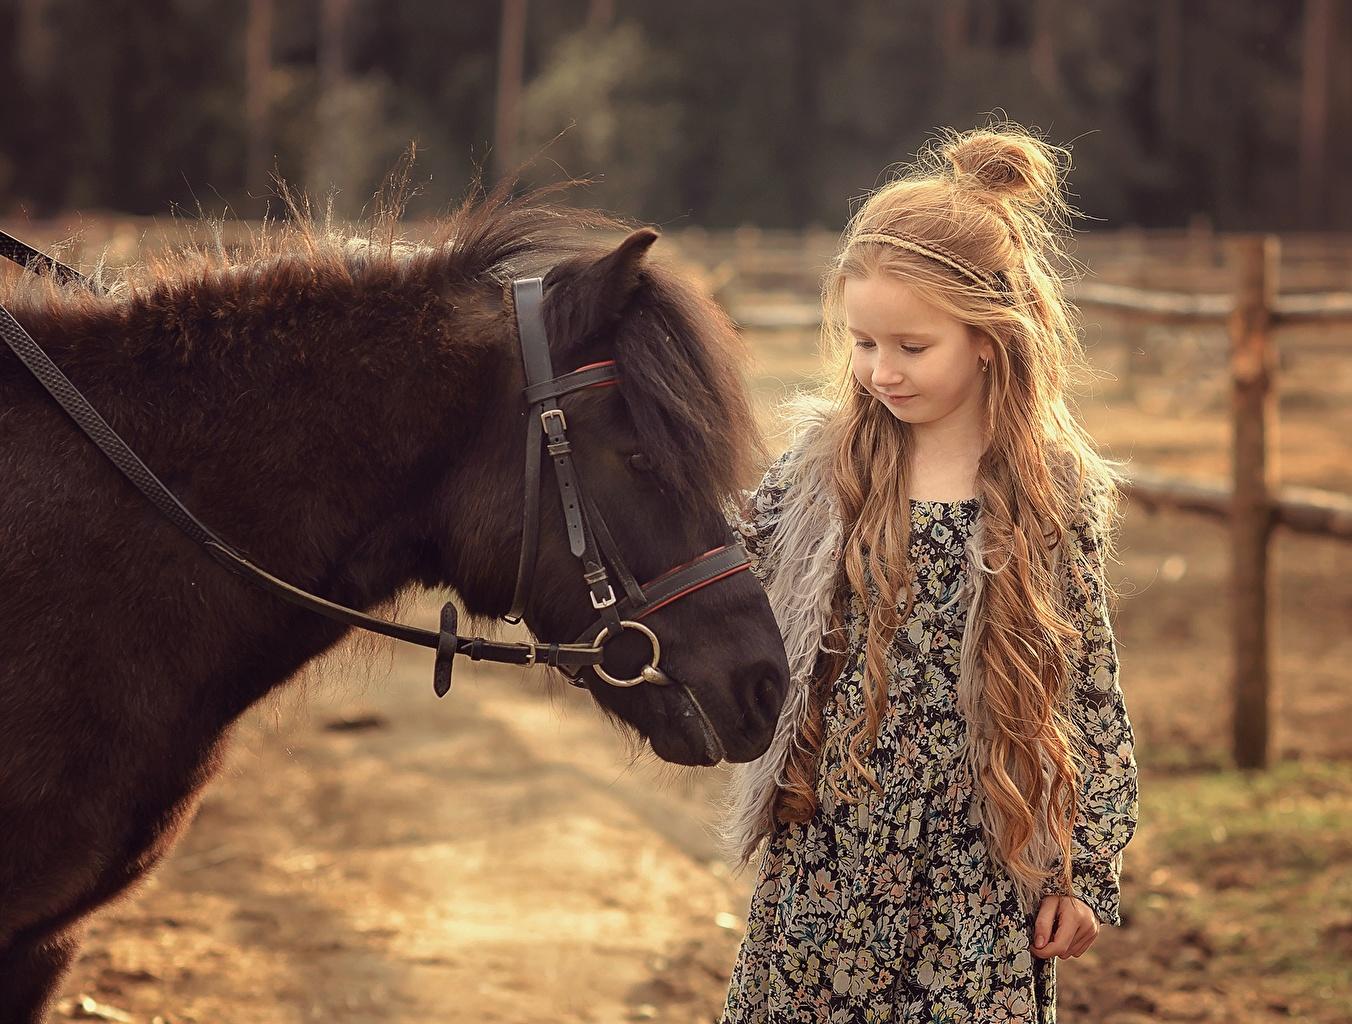 Fotos von Pony Kleine Mädchen Pferd Victoria Dubrovskaya kind Haar Tiere Pferde Hauspferd Kinder ein Tier